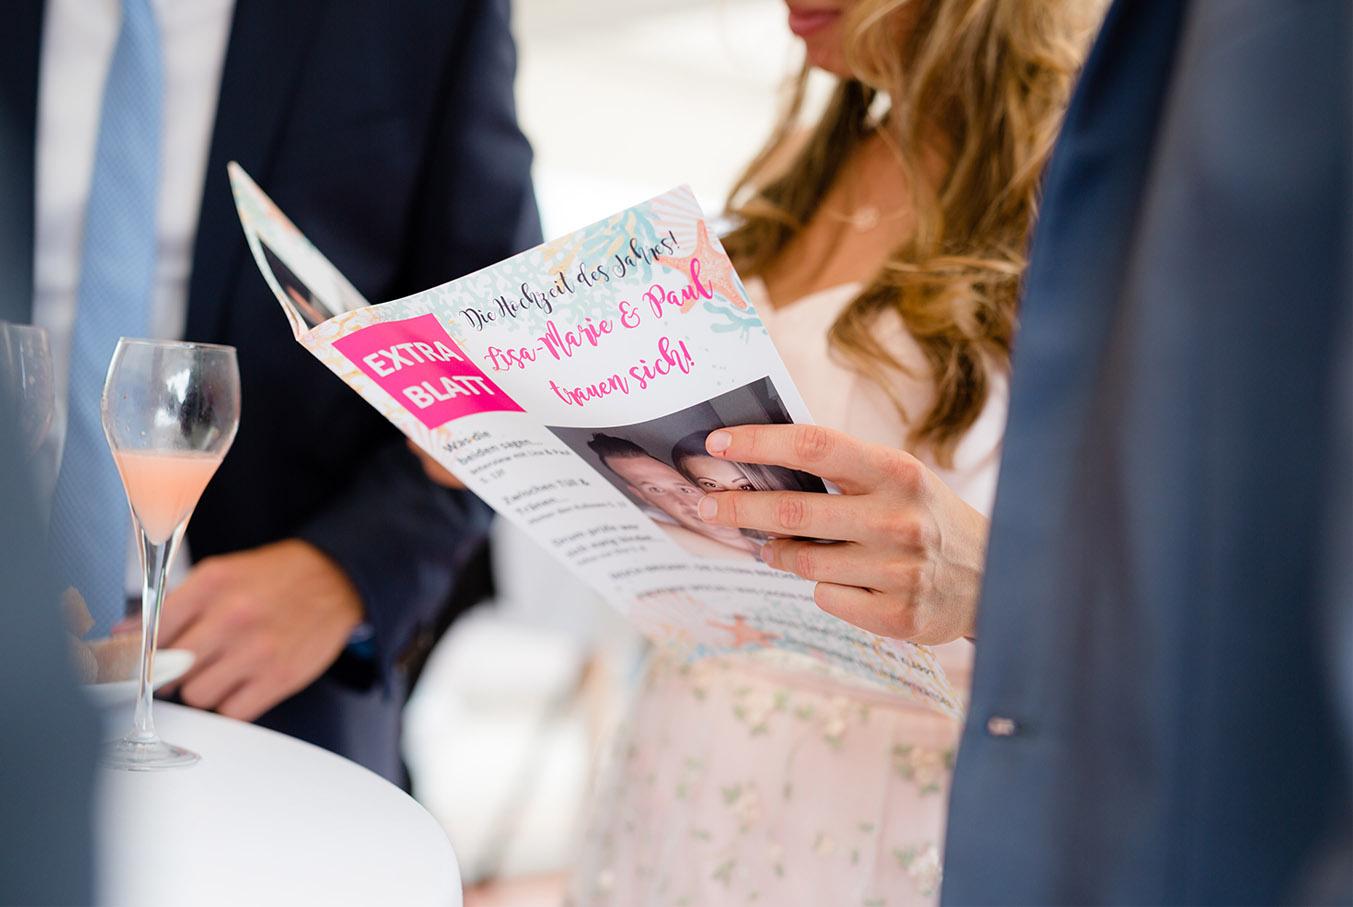 Vienna_Wien_Atzenbrugg_Hochzeit_Paar_Verlobung_Engagement_54